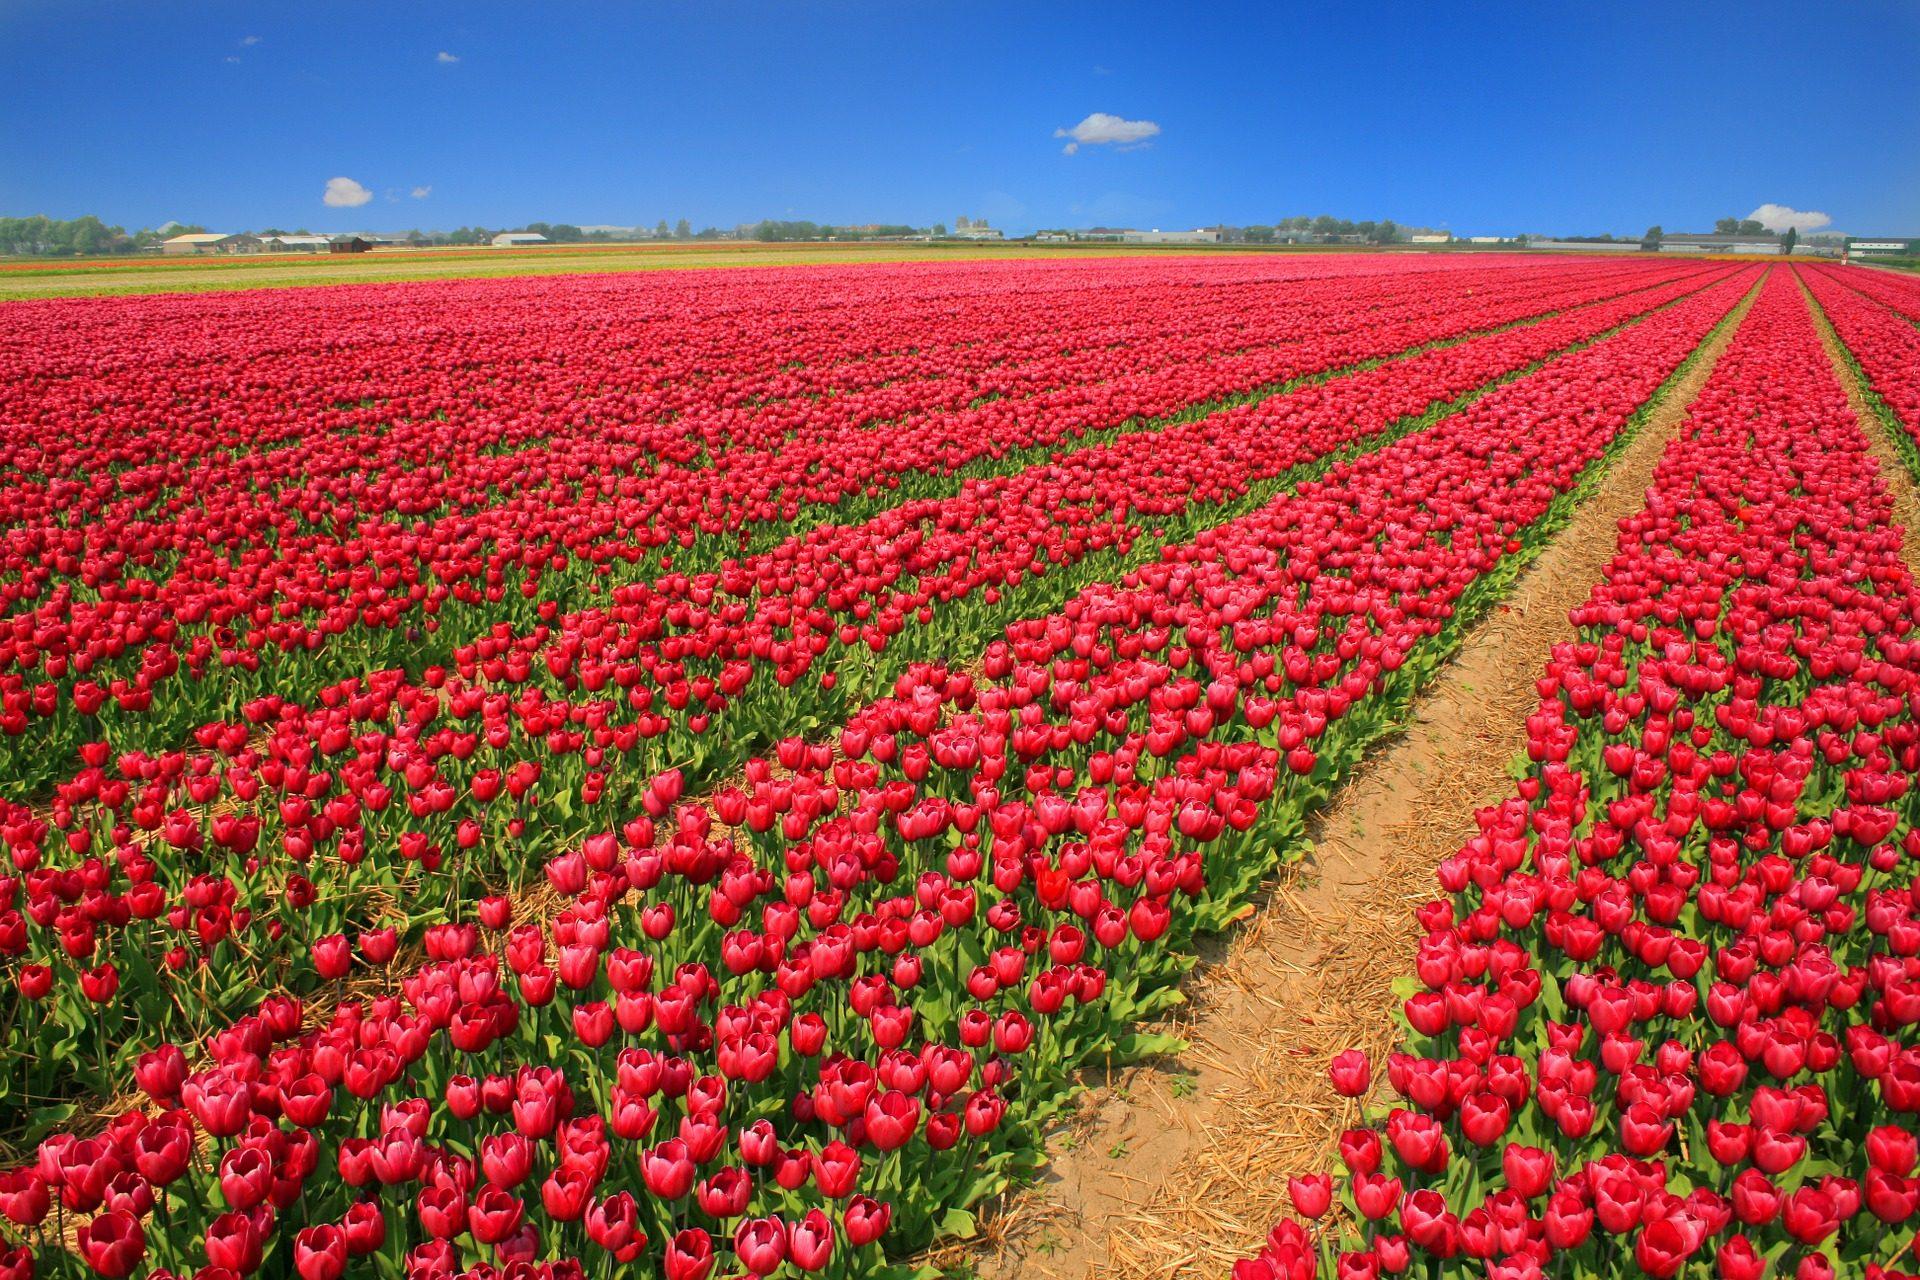 πεδίο, Φυτεία, Τουλίπες, λουλούδια, Άνθιση, Ολλανδία - Wallpapers HD - Professor-falken.com